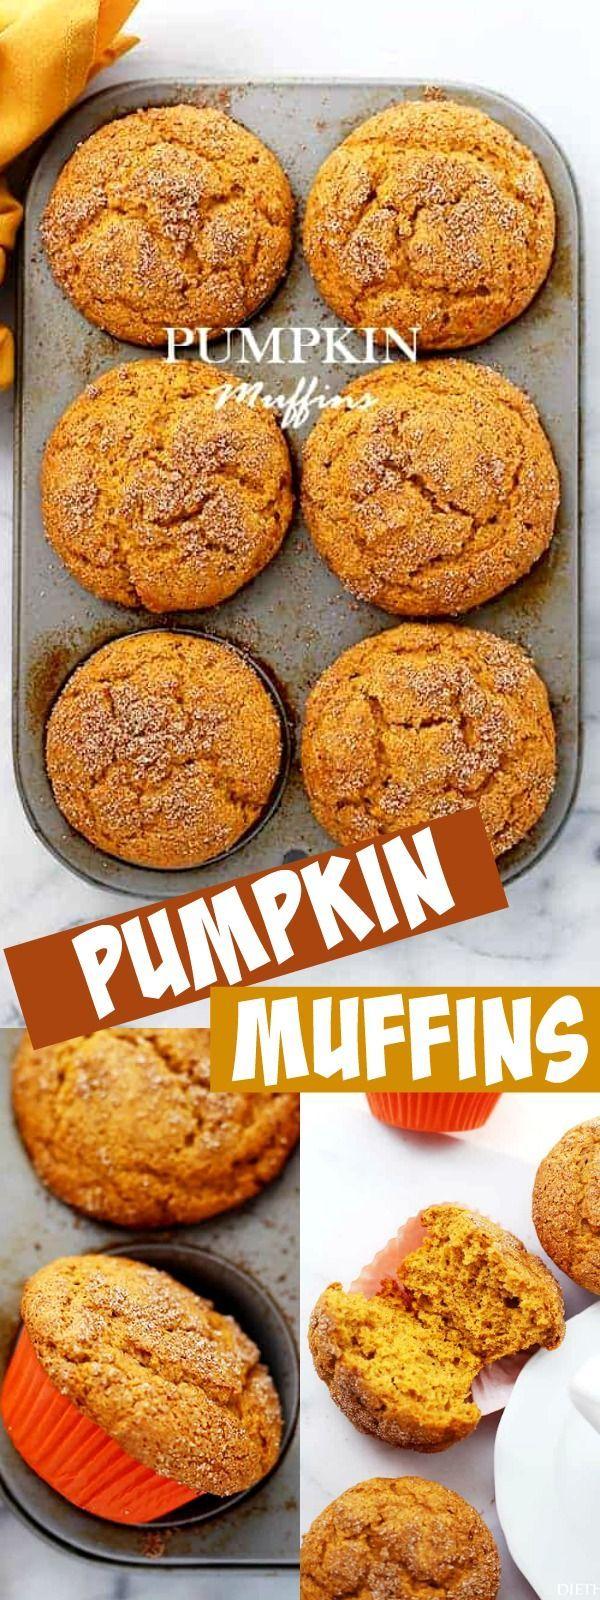 ¡MUFFINS DE CALABAZA! Muffins de calabaza – Empacados con calabaza y cubiertos con canela …  – breakfast